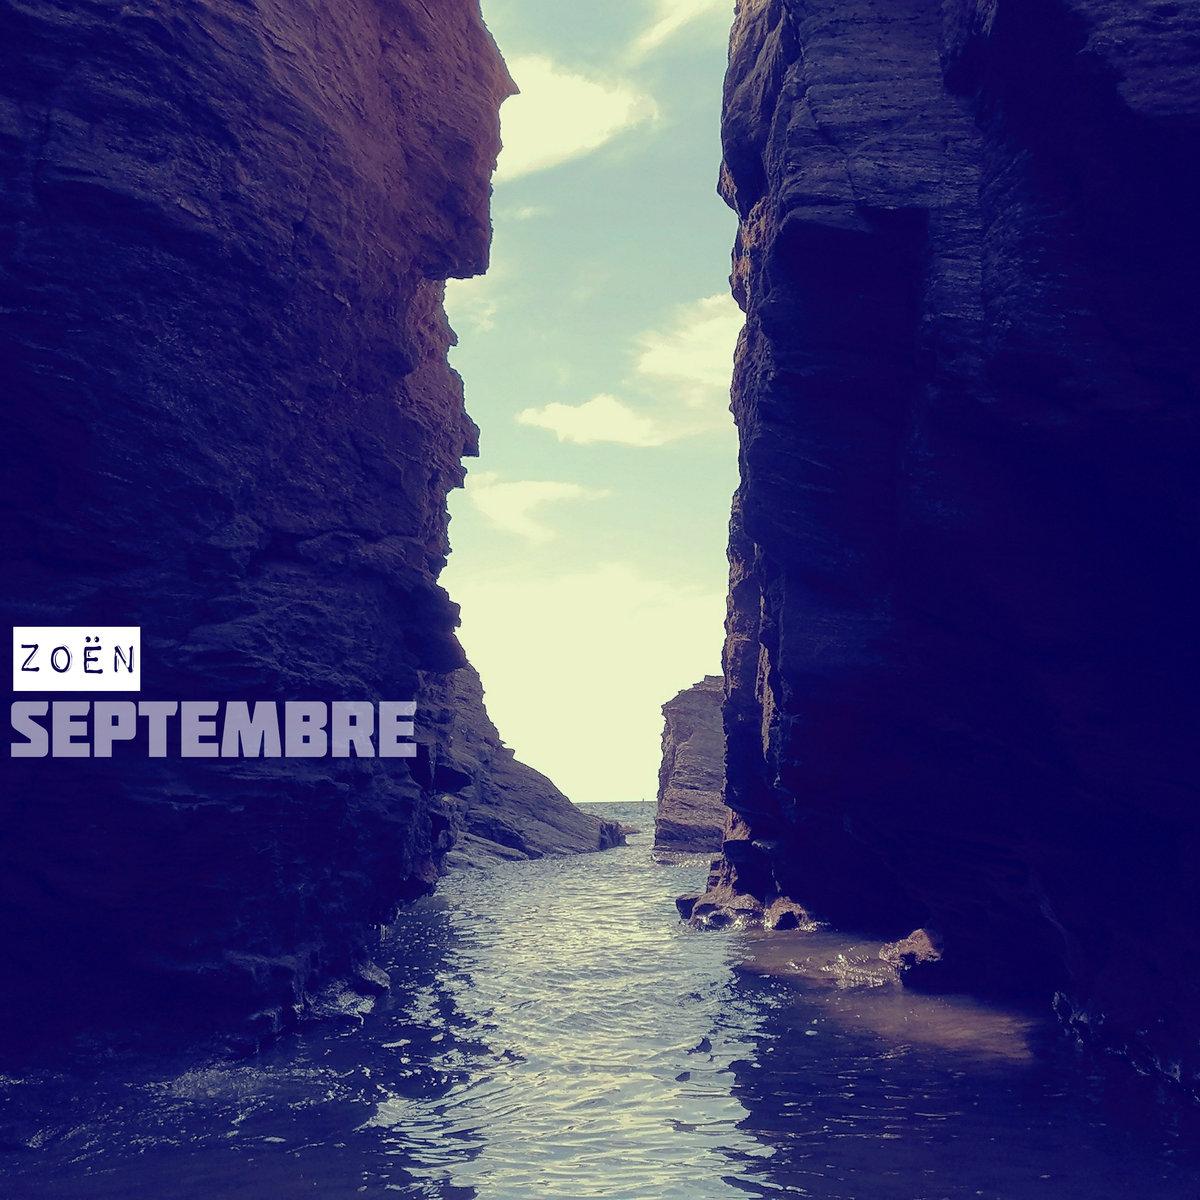 """Le EP """"Septembre"""" de Zoën disponible en Digital"""